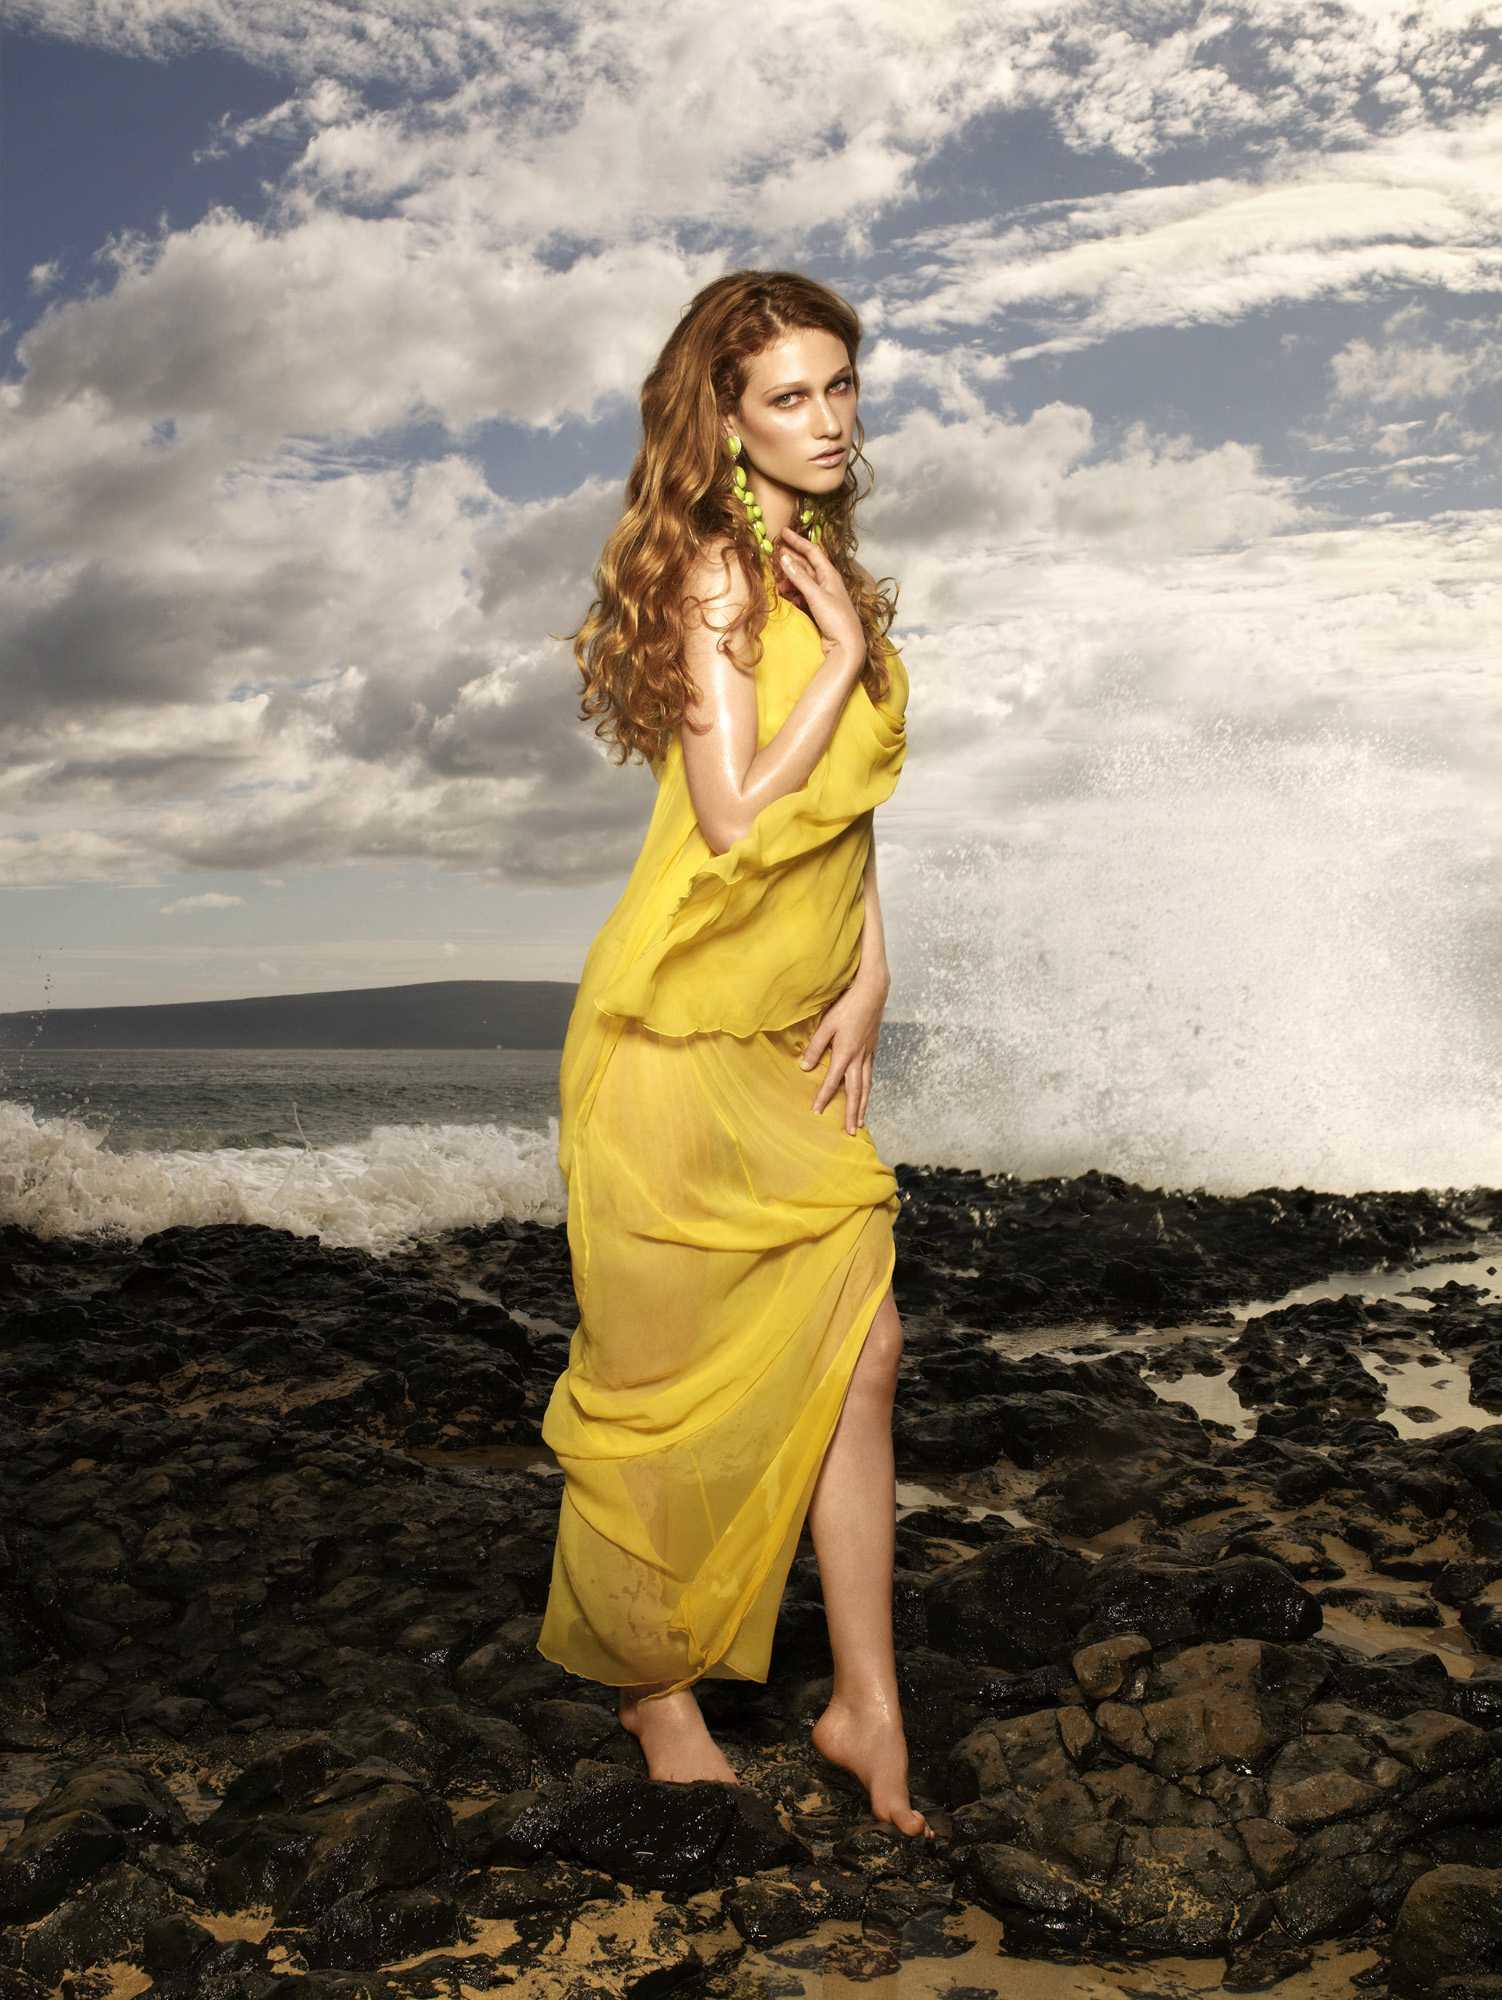 Nicole Fox | Photos of America's Next Top Model Contestants